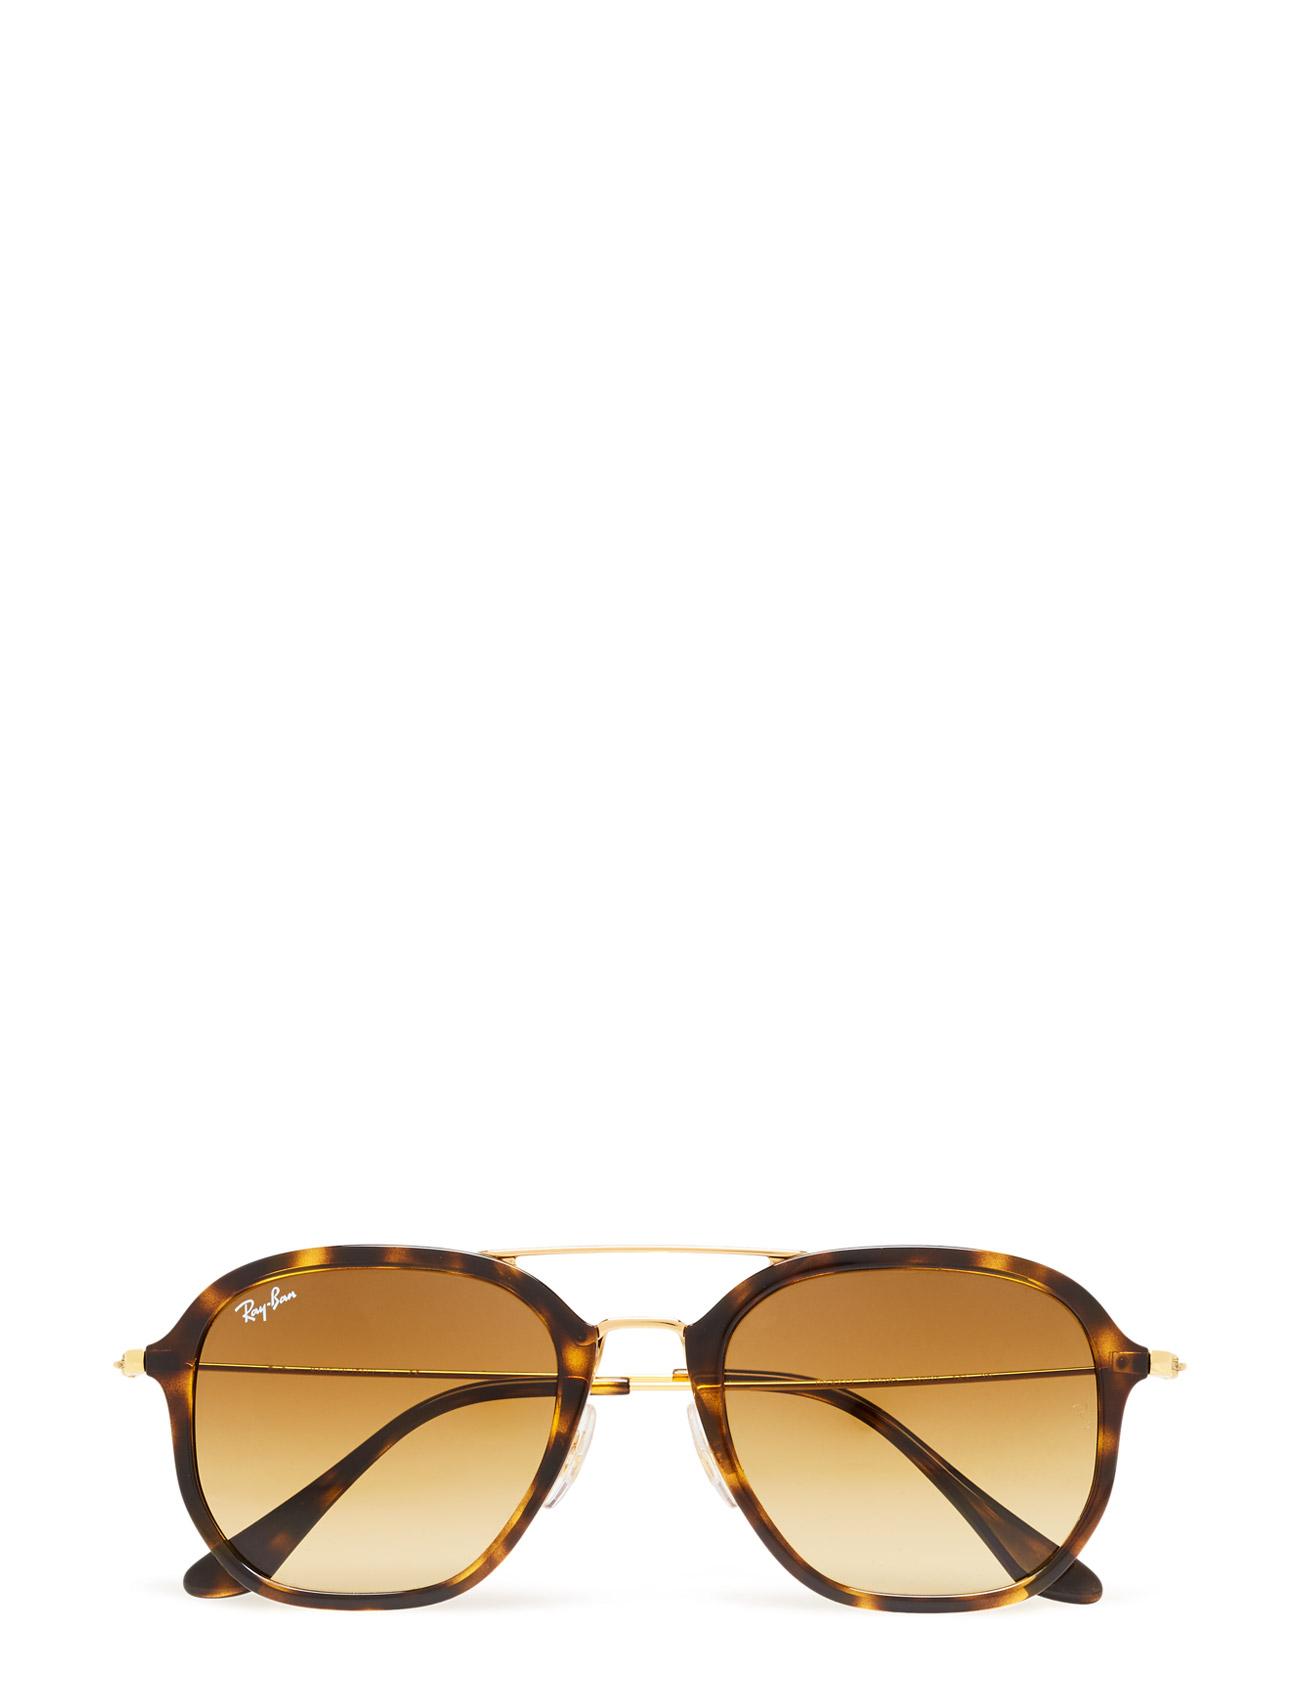 D-Frame Ray-Ban Solbriller til Mænd i